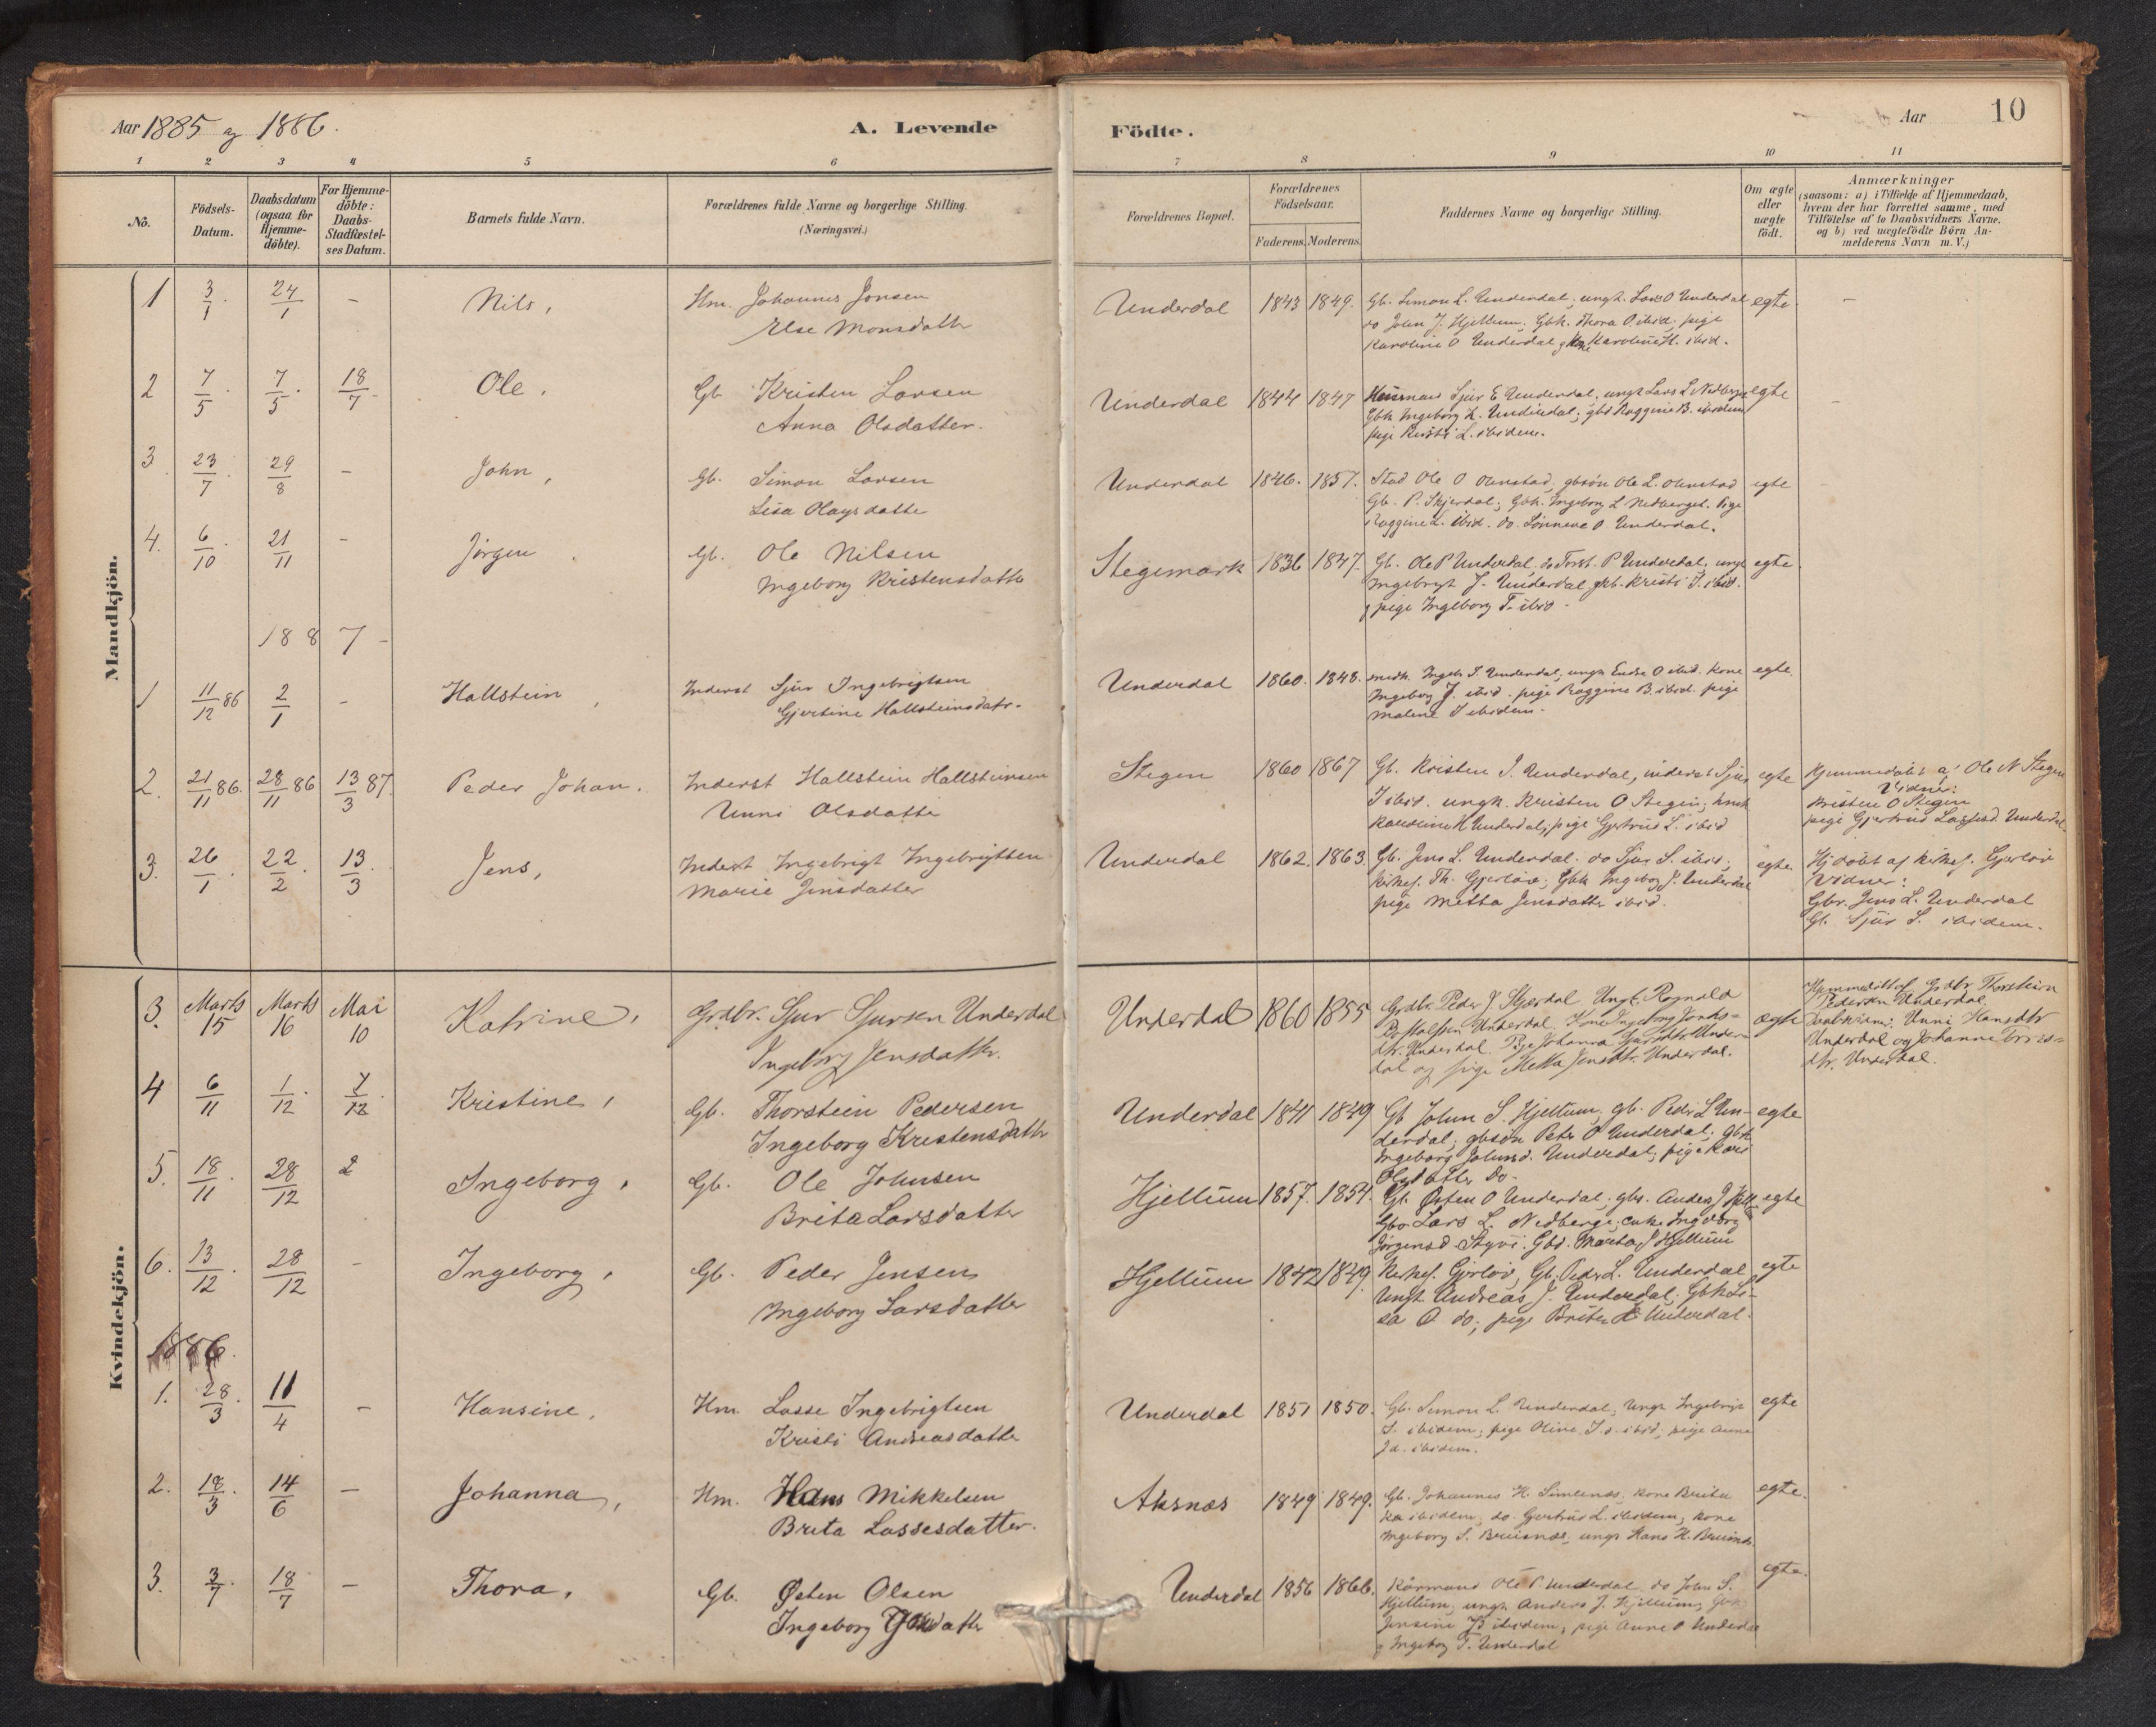 SAB, Aurland Sokneprestembete*, Ministerialbok nr. E 1, 1880-1907, s. 9b-10a